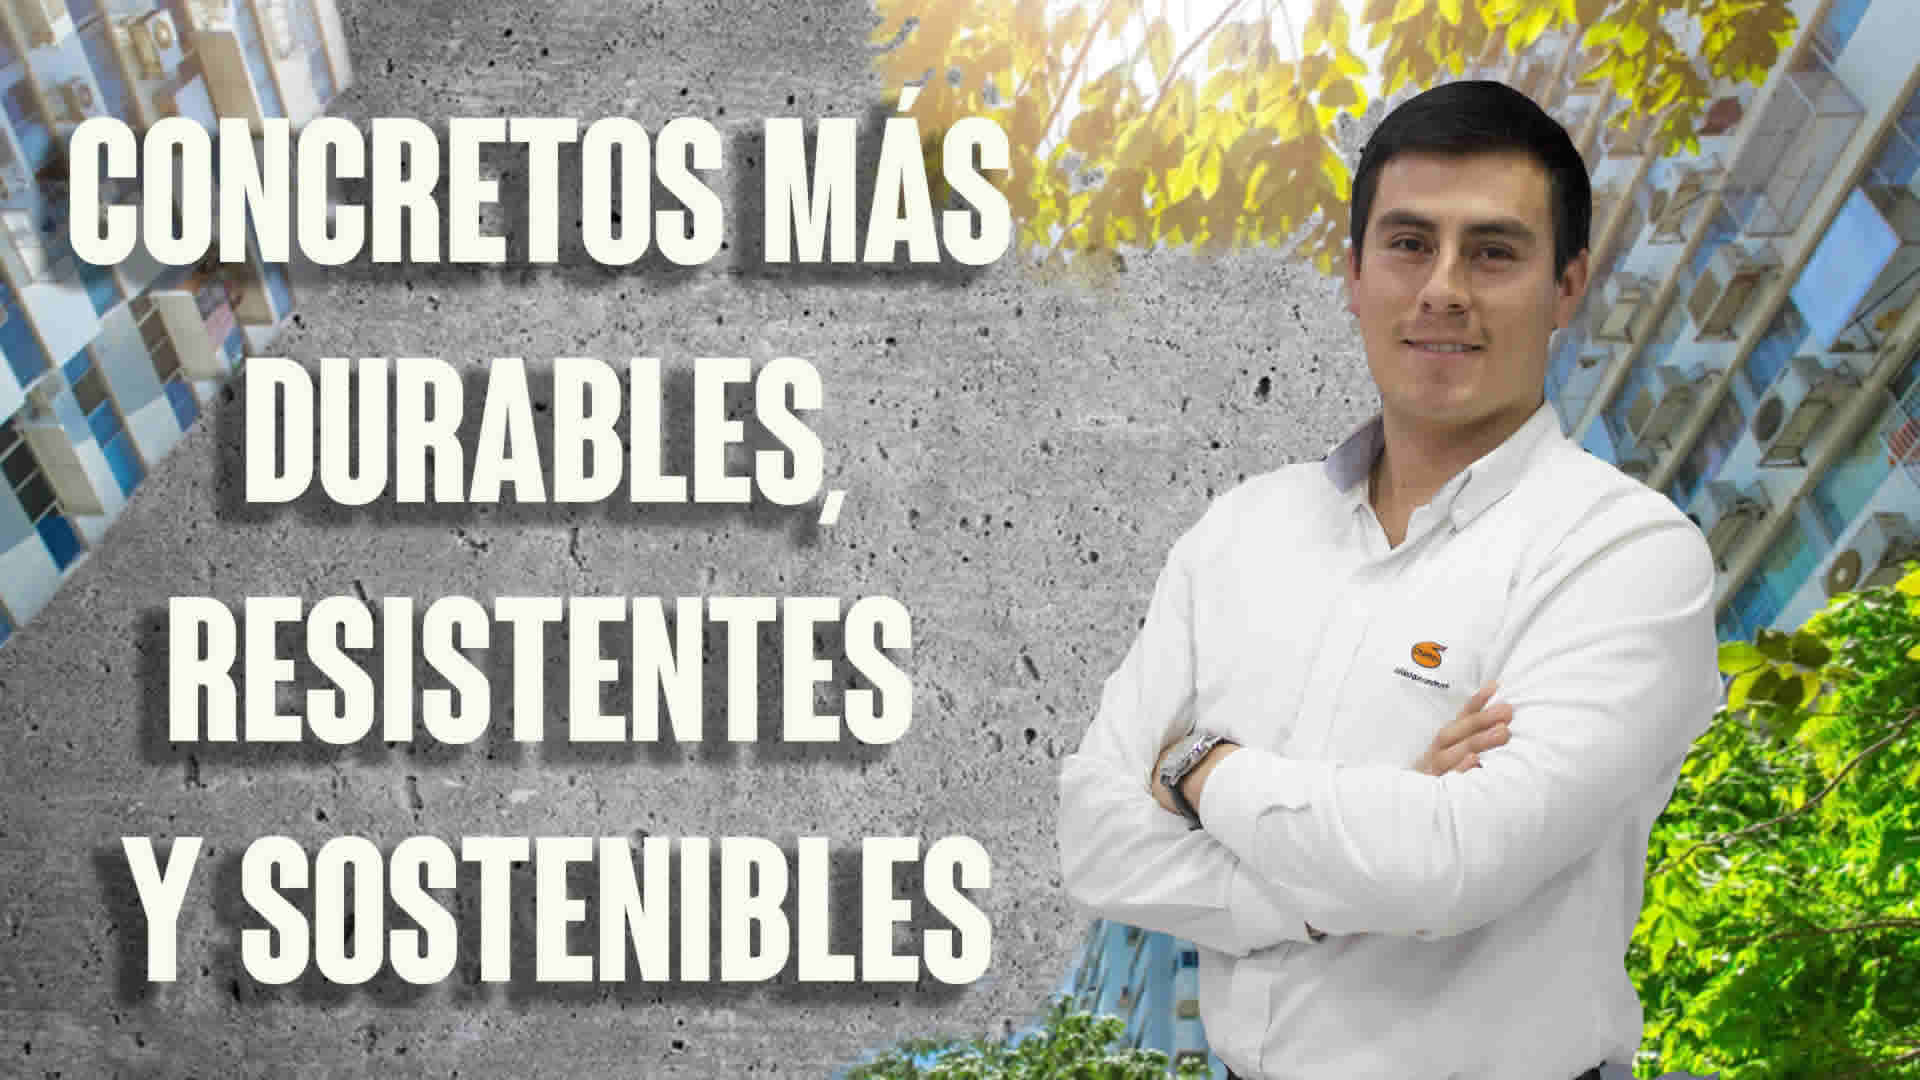 Conscretos más durables, resistentes y sostenibles